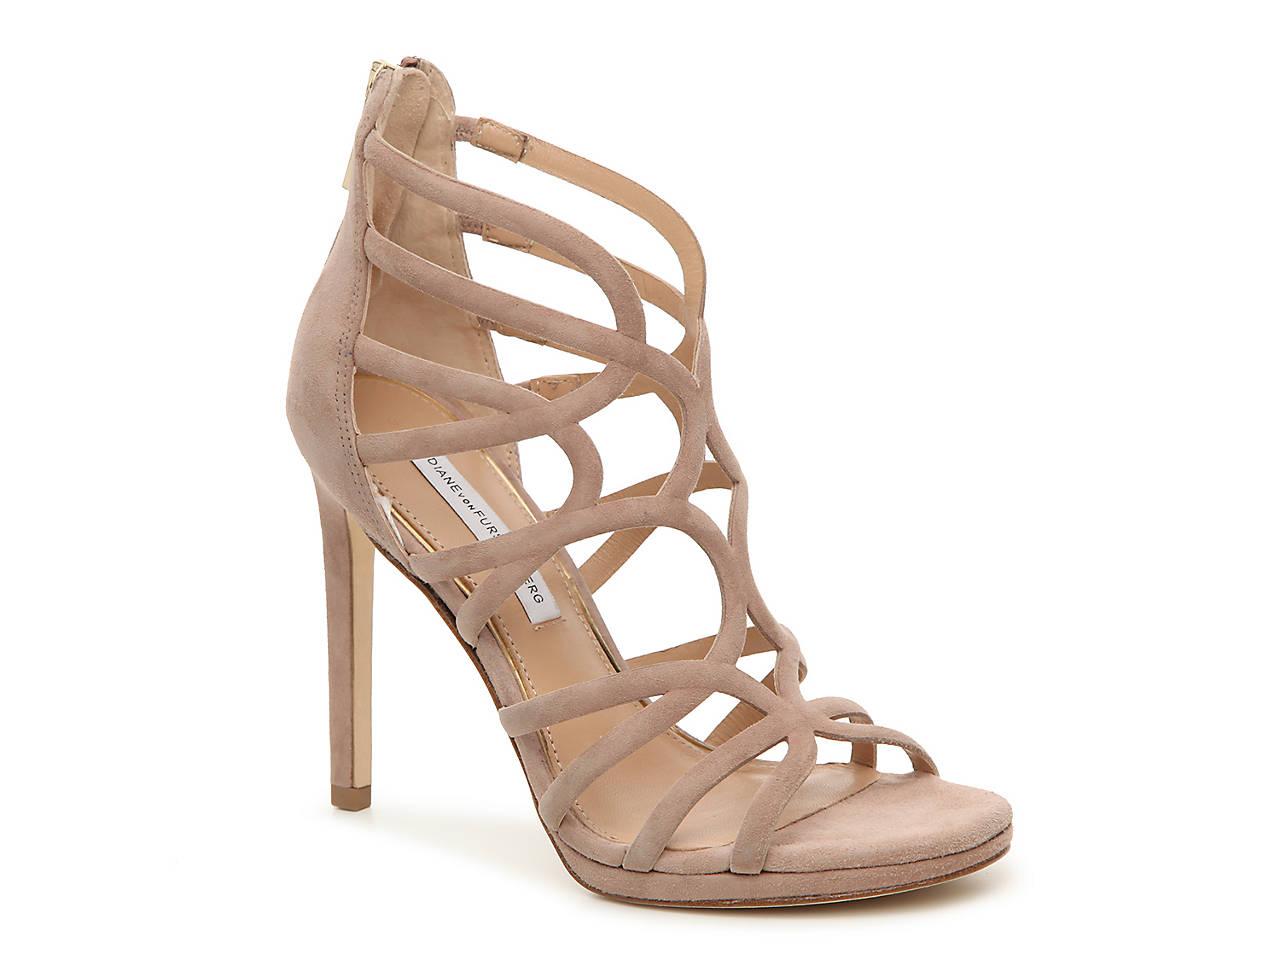 6a2531de8b7 Diane von Furstenberg Kalyan Sandal Women s Shoes